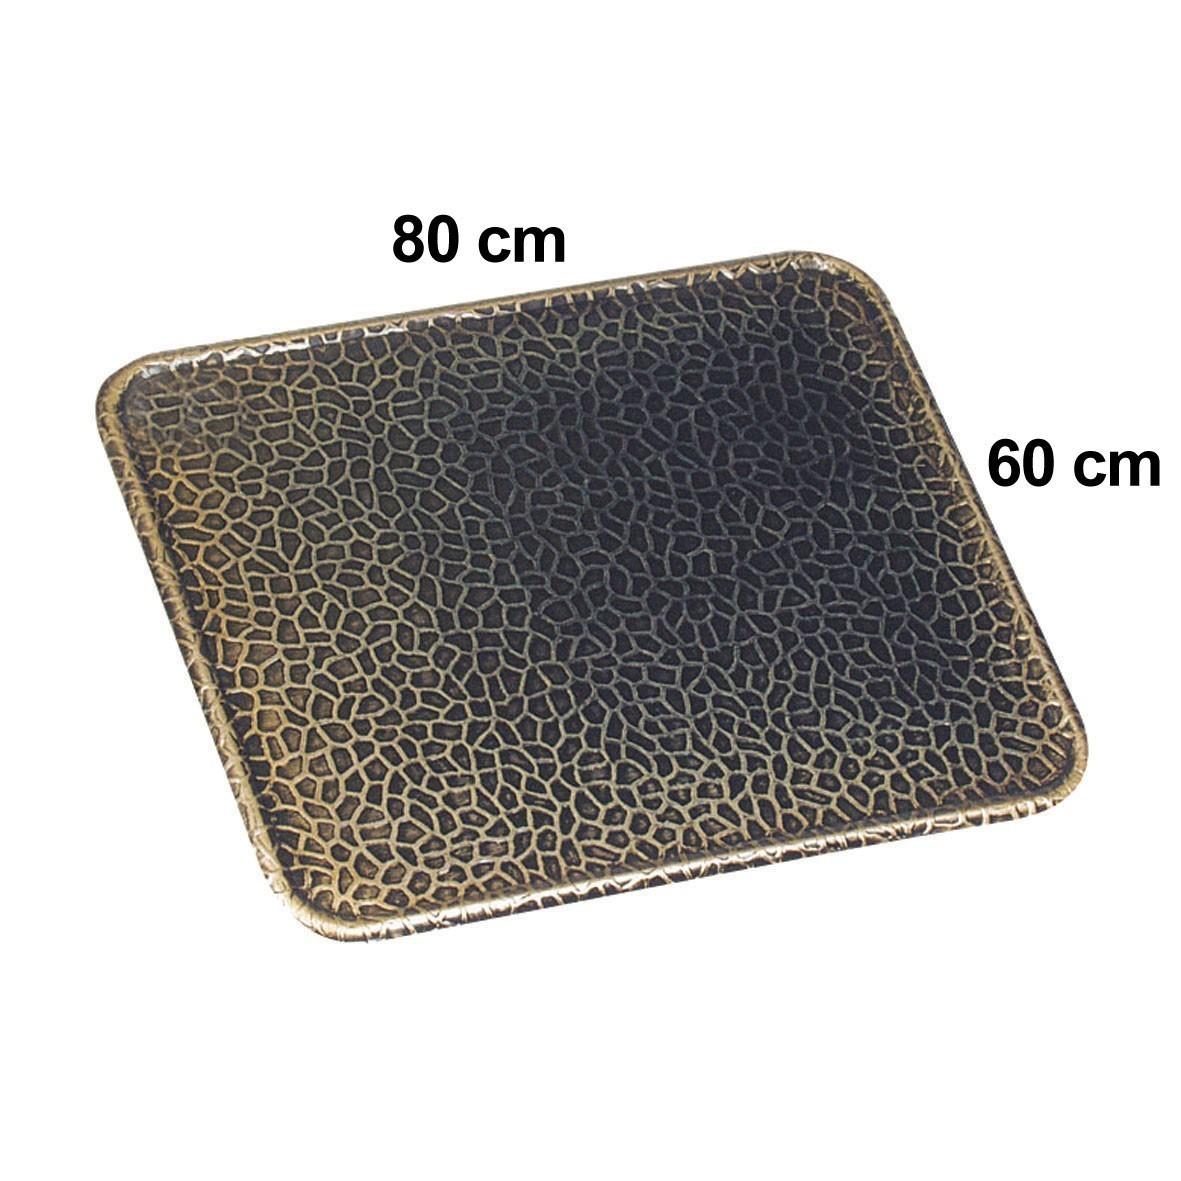 Funkenschutzplatte / Bodenblech KaminoFlam Messing gehämmert 60x80cm Bild 1